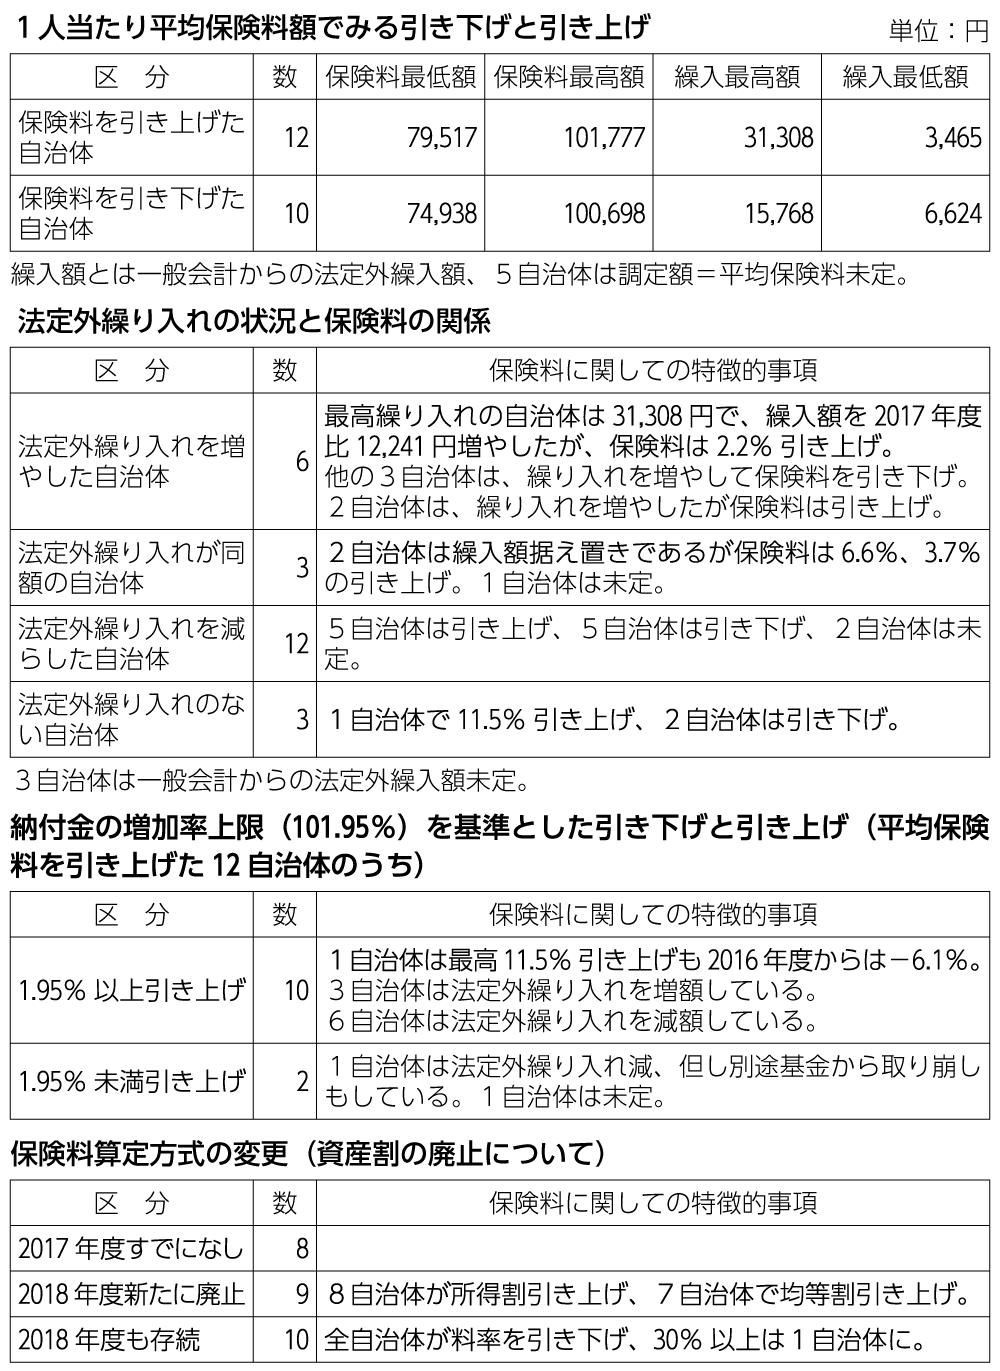 表 2018年度の愛知県27市町村に見る国保の法定外繰り入れと保険料の状況(対2017年度比)